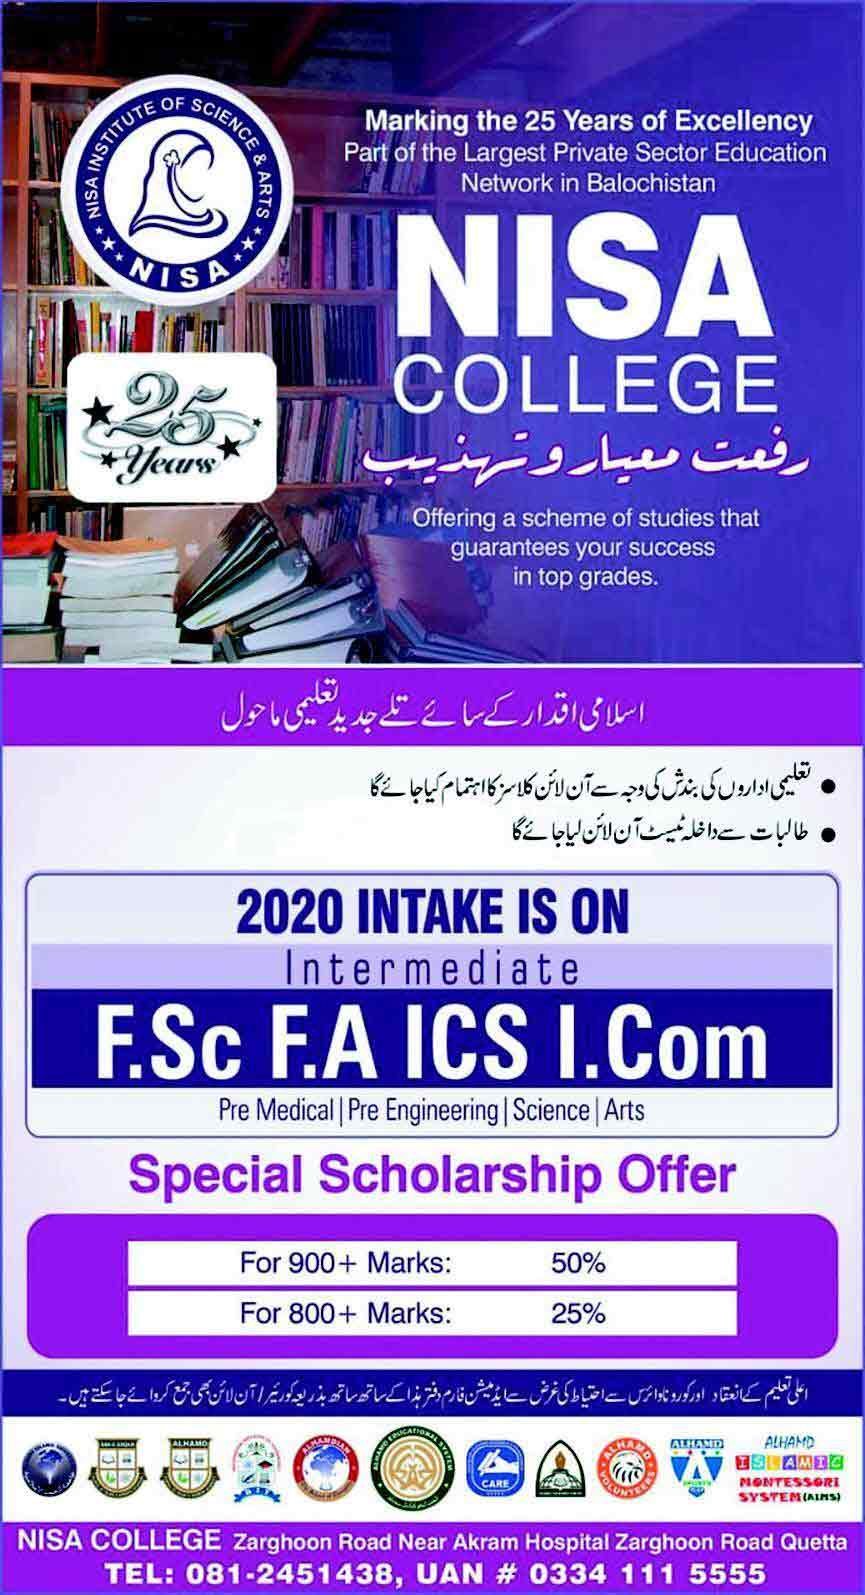 Nisa-college-NC-Quetta-admission-2020